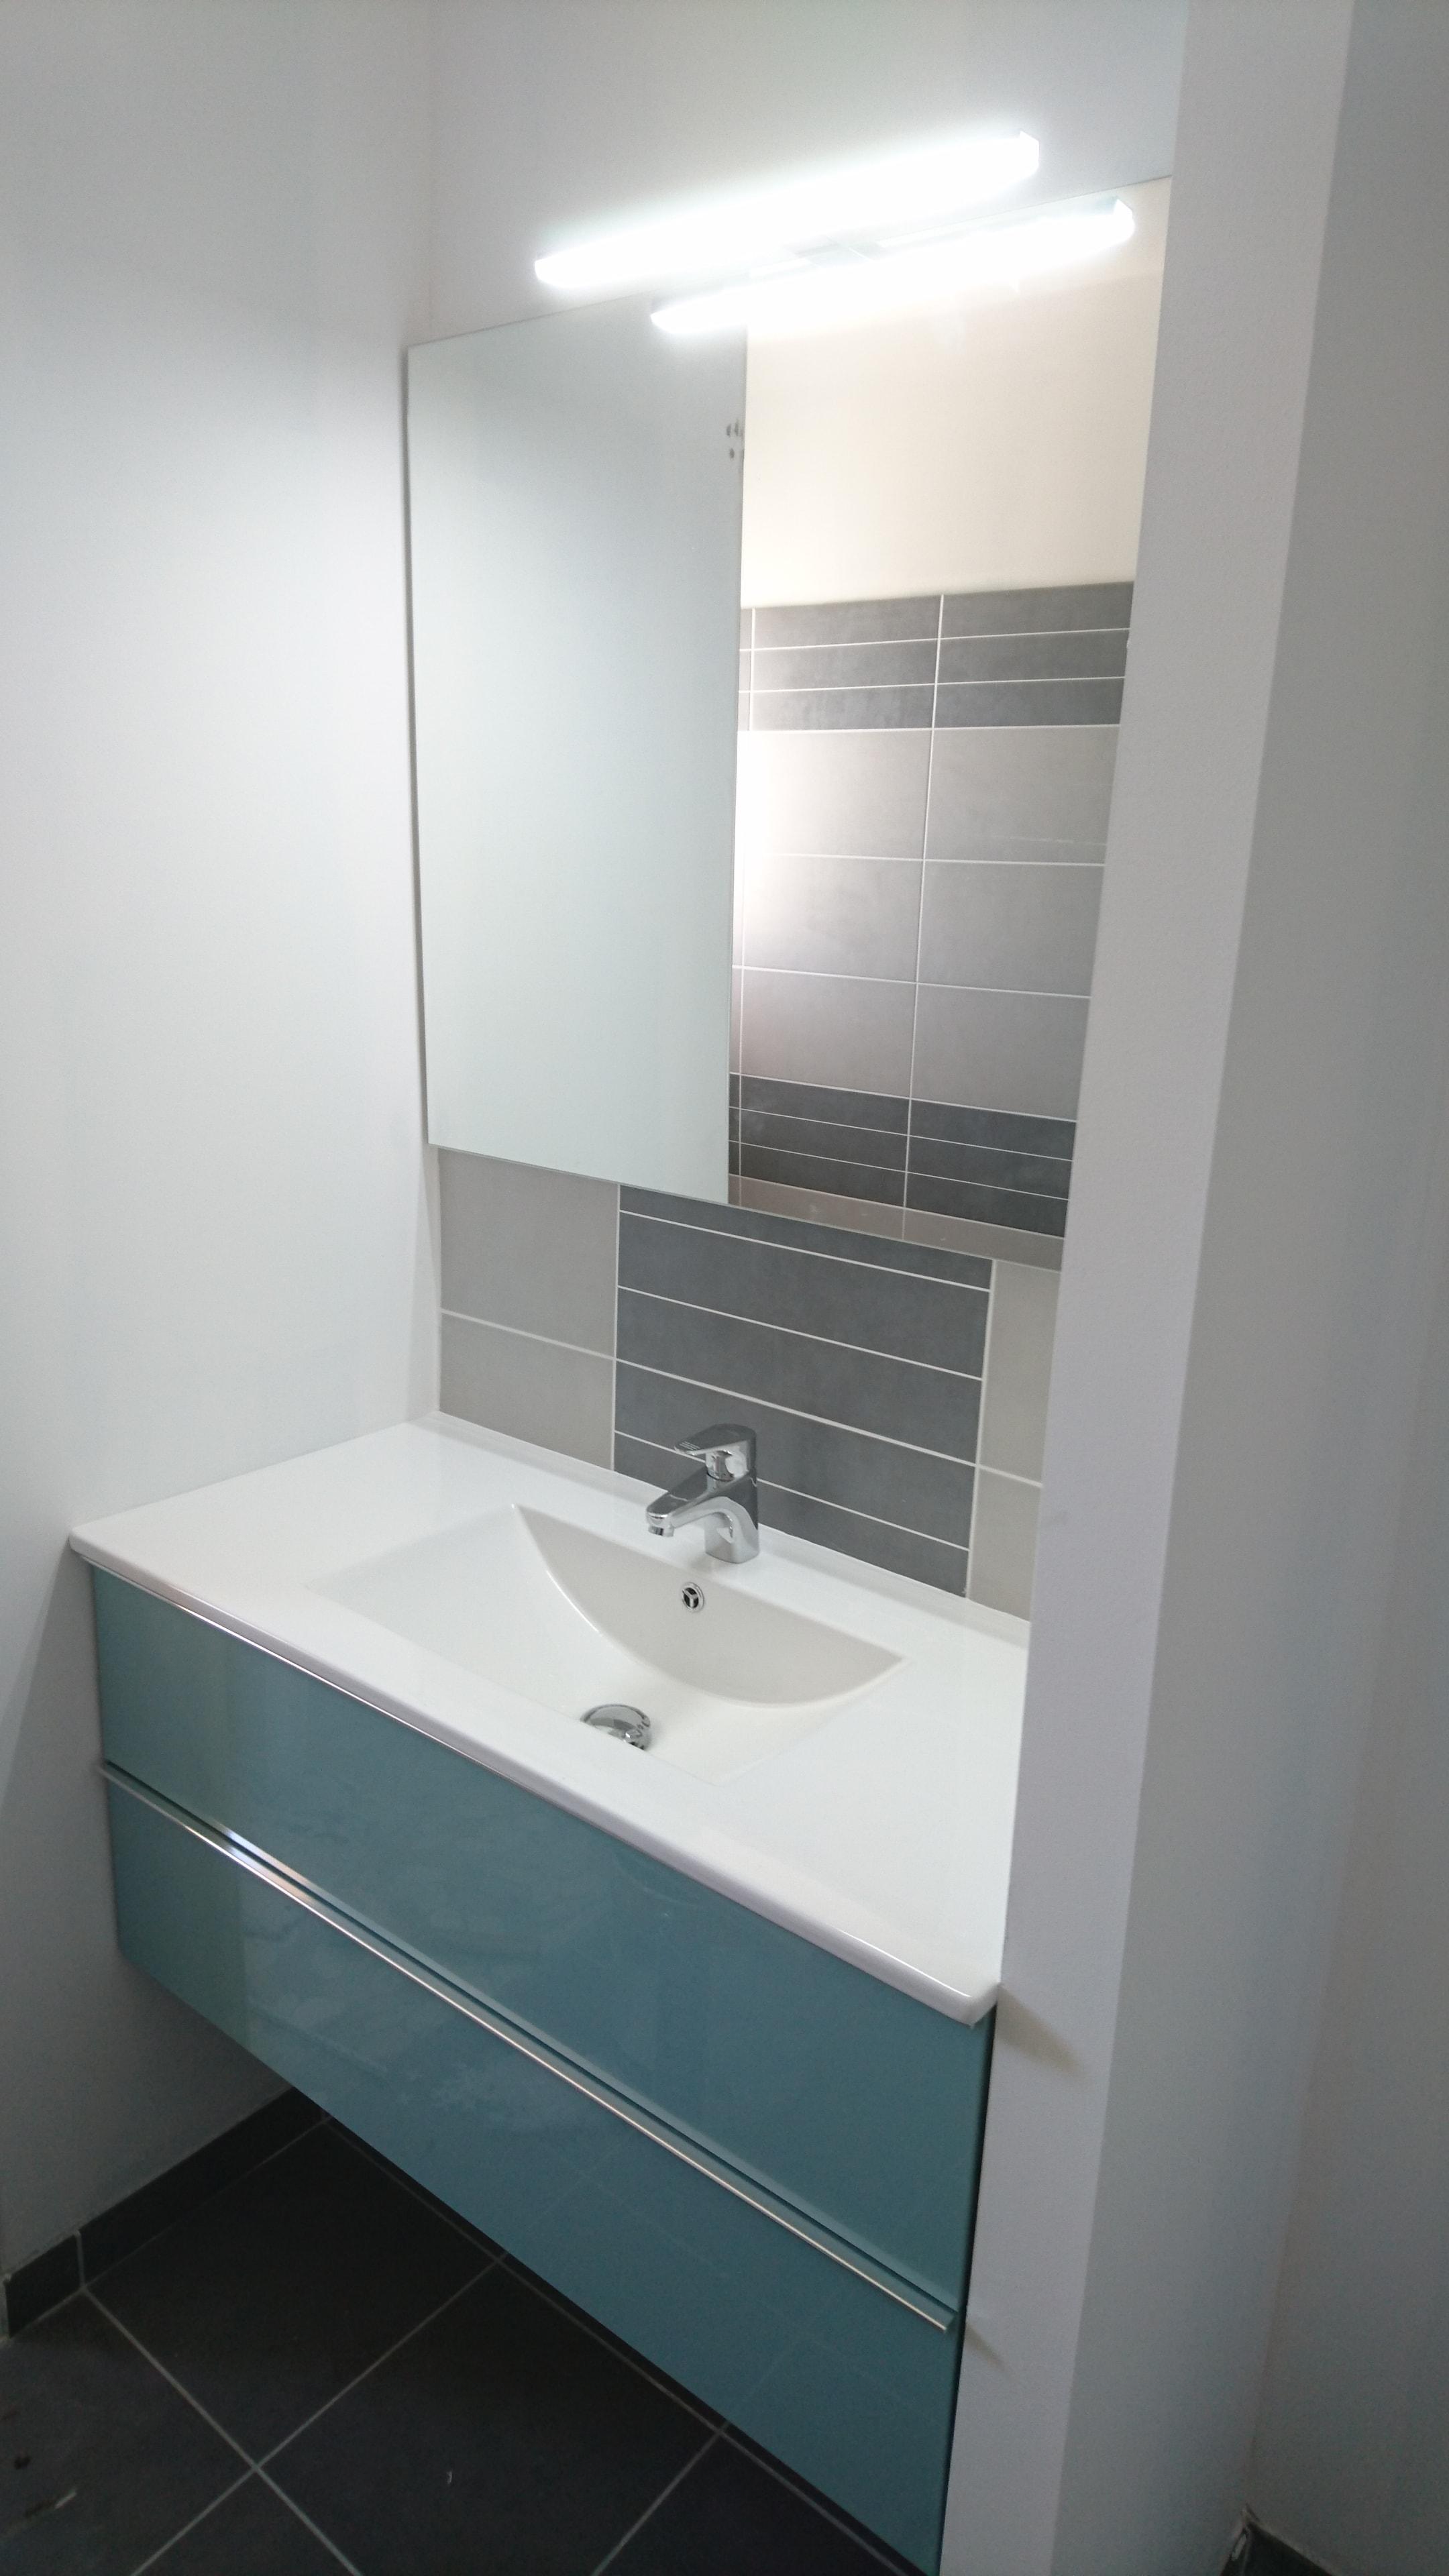 mobilier de salle de bain sur mesure dans les landes 40. Black Bedroom Furniture Sets. Home Design Ideas